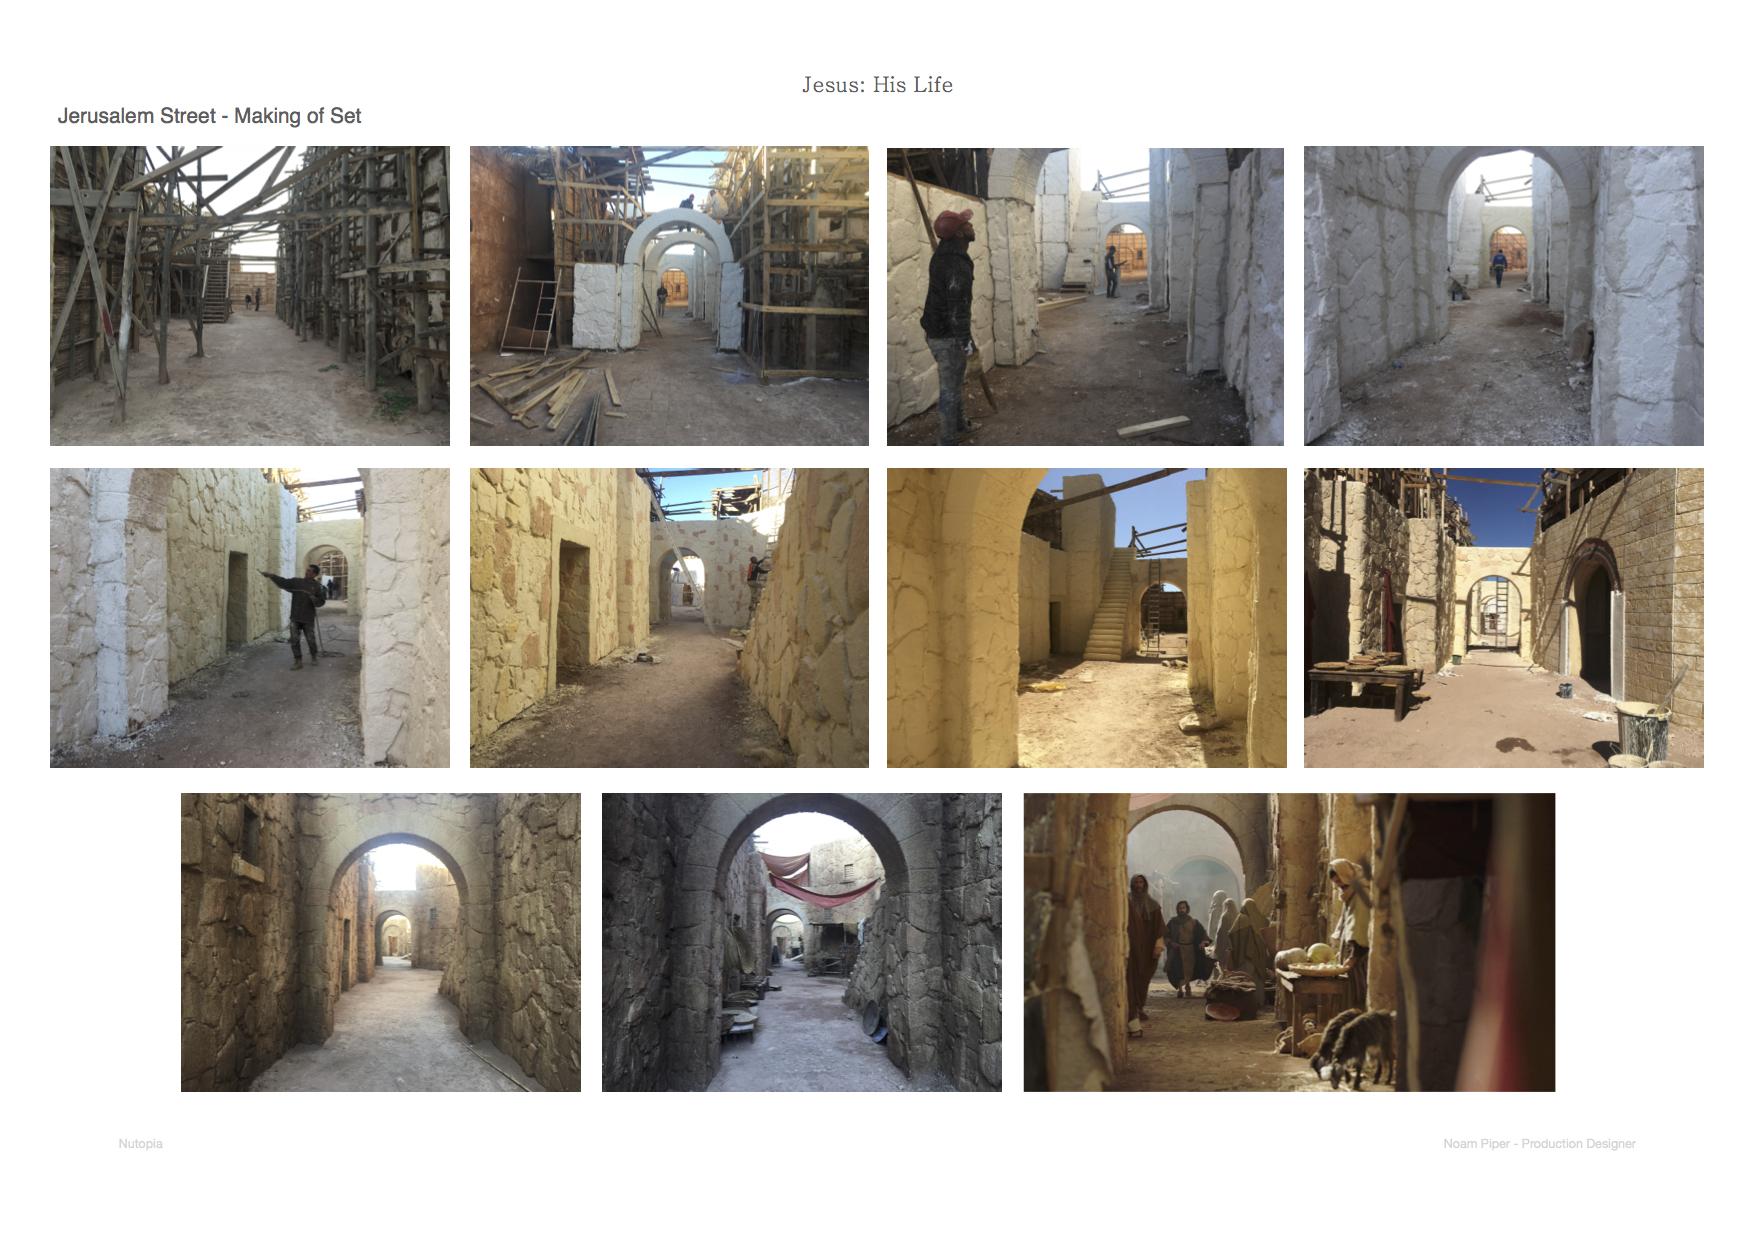 Jesus His Life: Making of Jerusalem Street